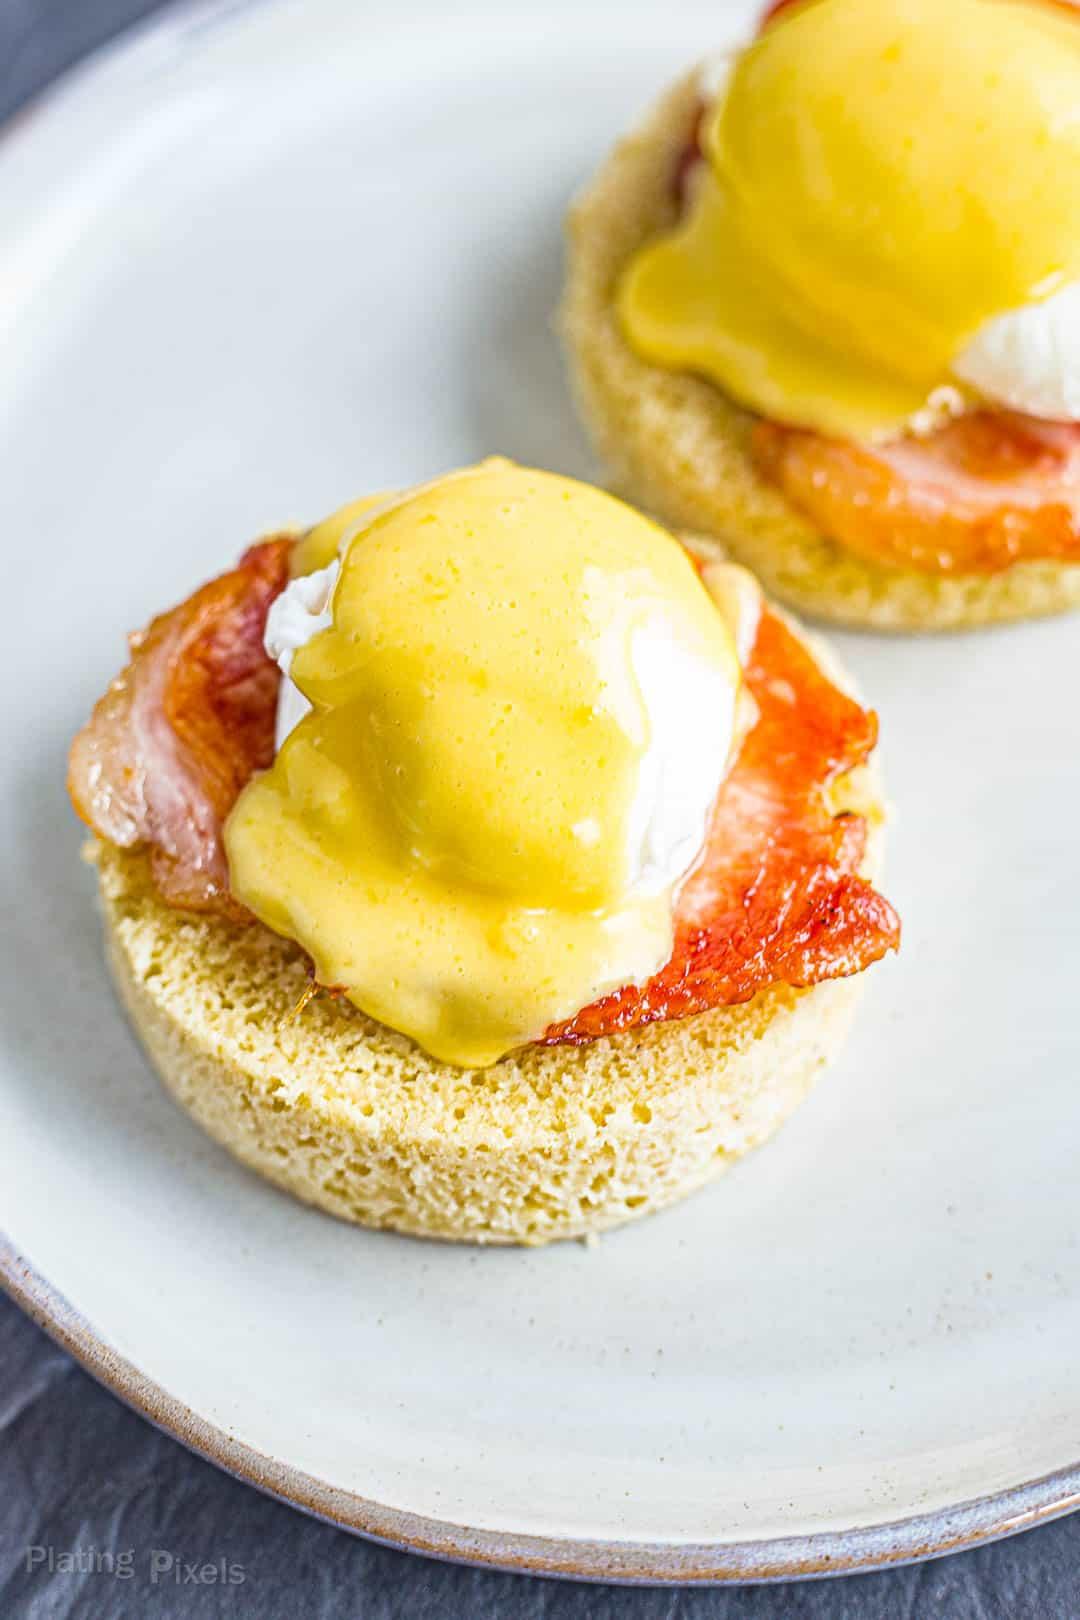 Keto Eggs Benedict prepared on a plate